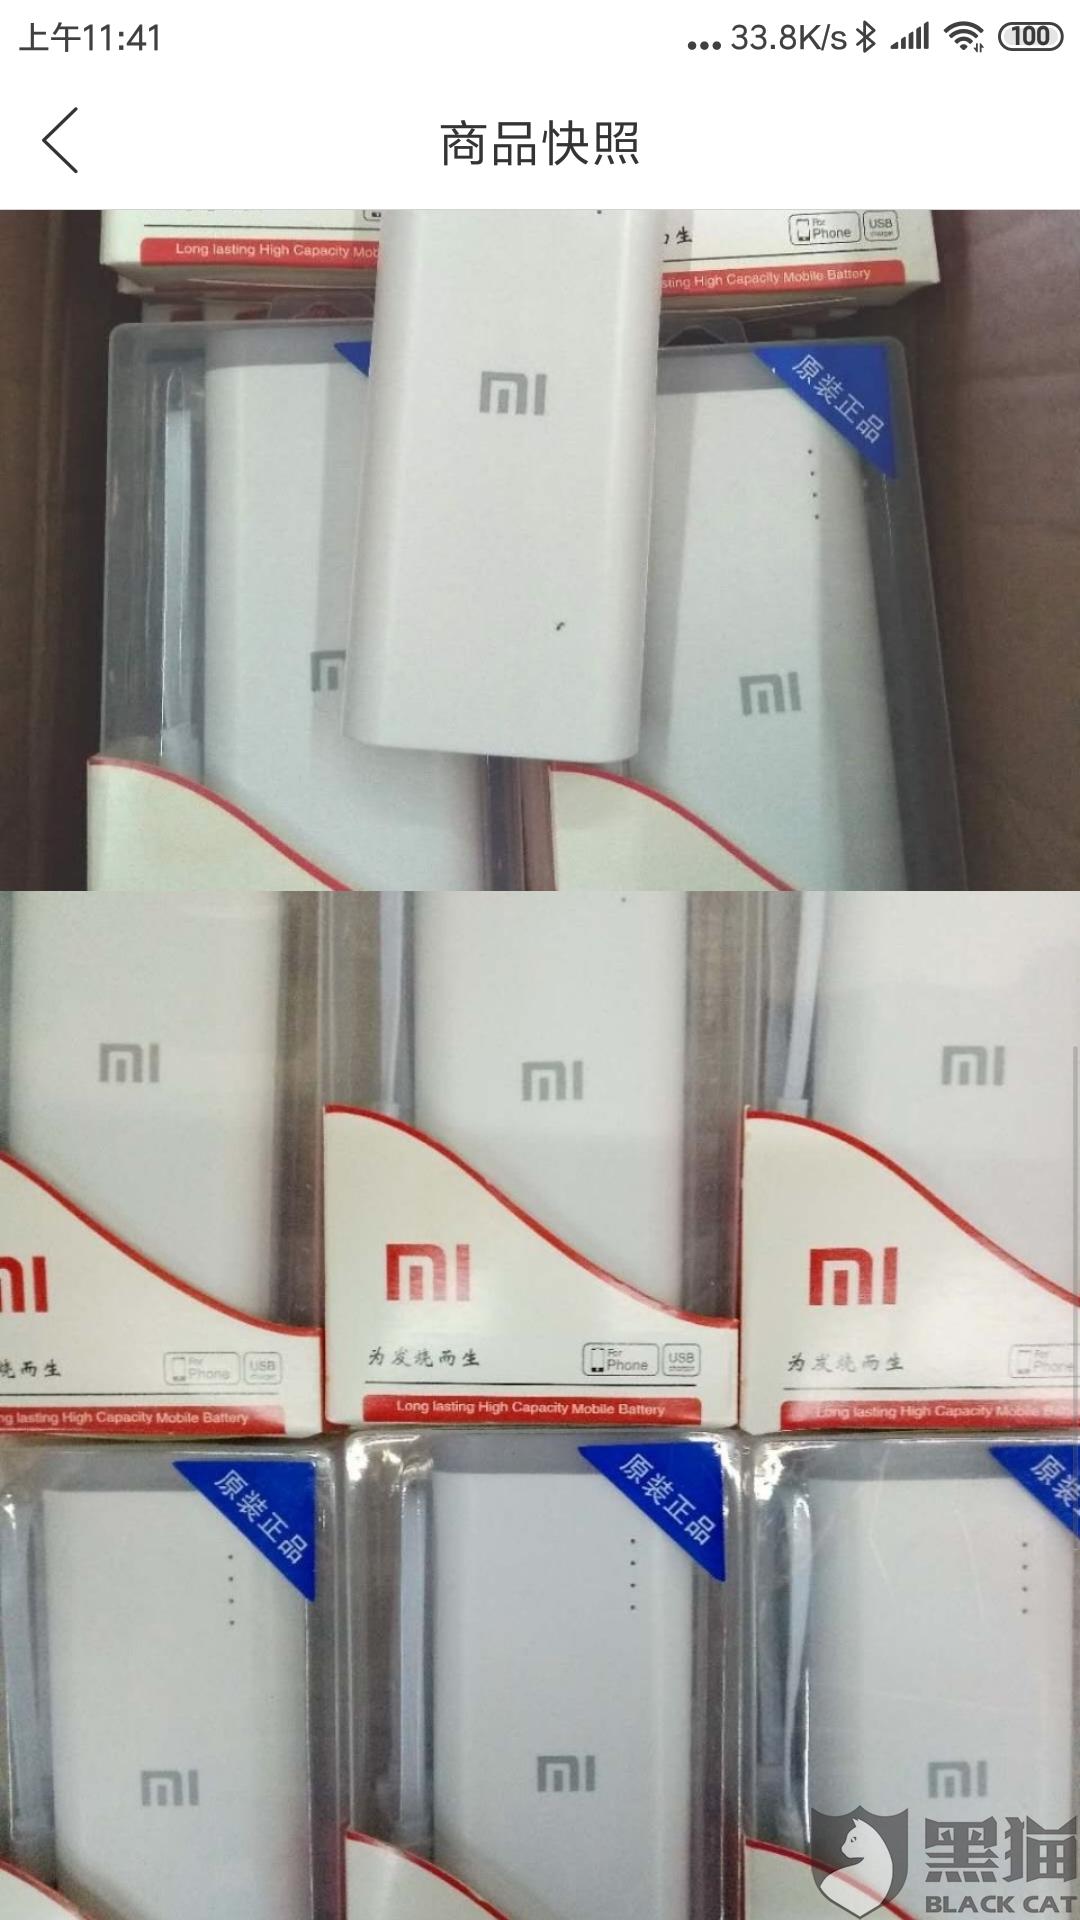 黑猫投诉:商家销售的小米移动电源是假冒品牌